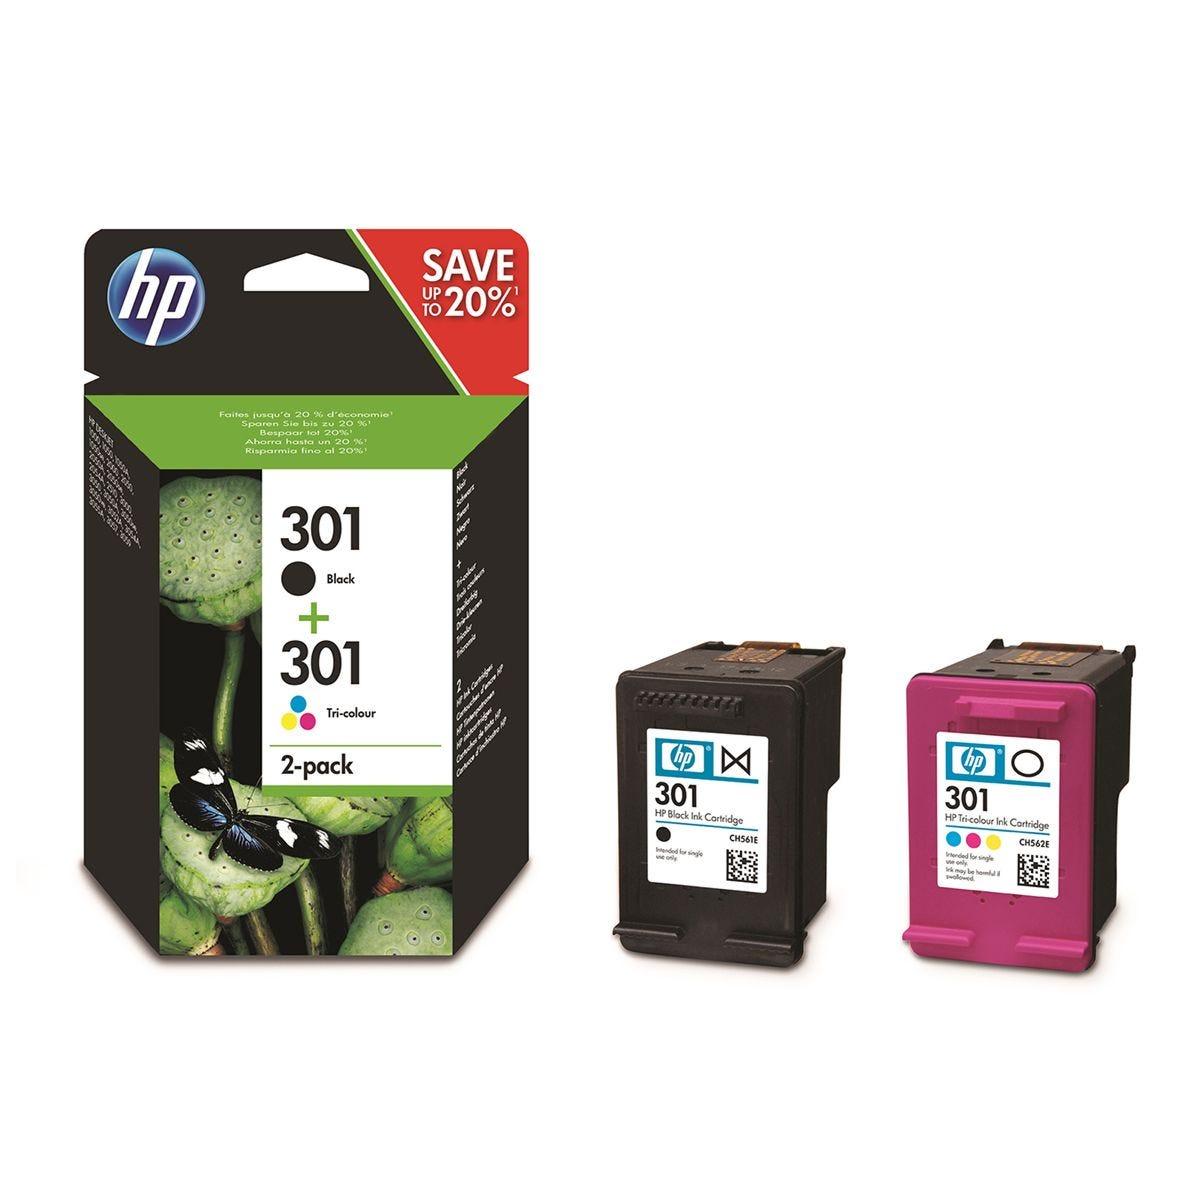 HP 301 Original Ink Cartridge Combo 2 Pack - Multi